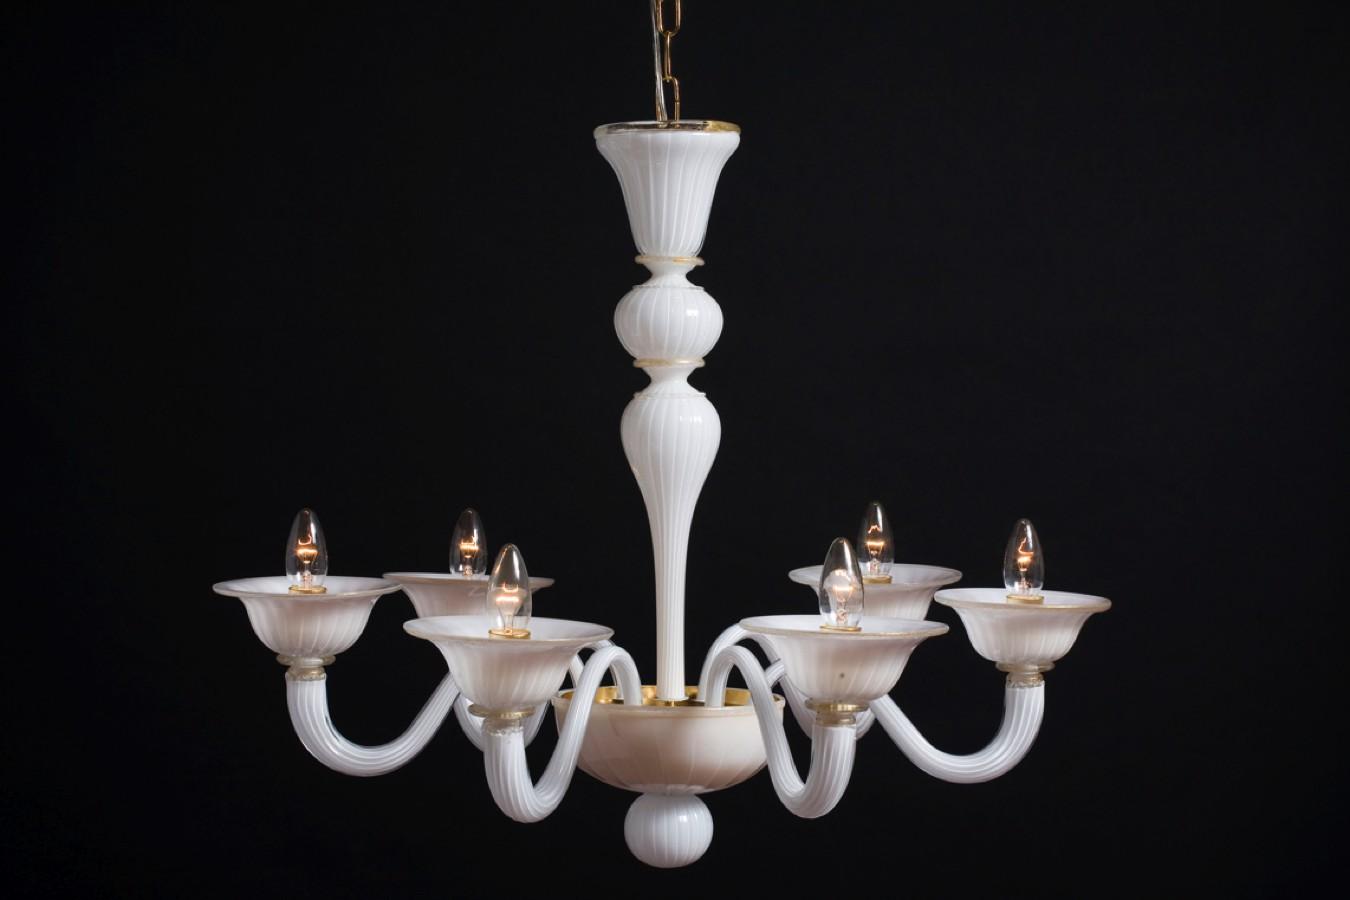 lampadari veneziani : Lampadari veneziani